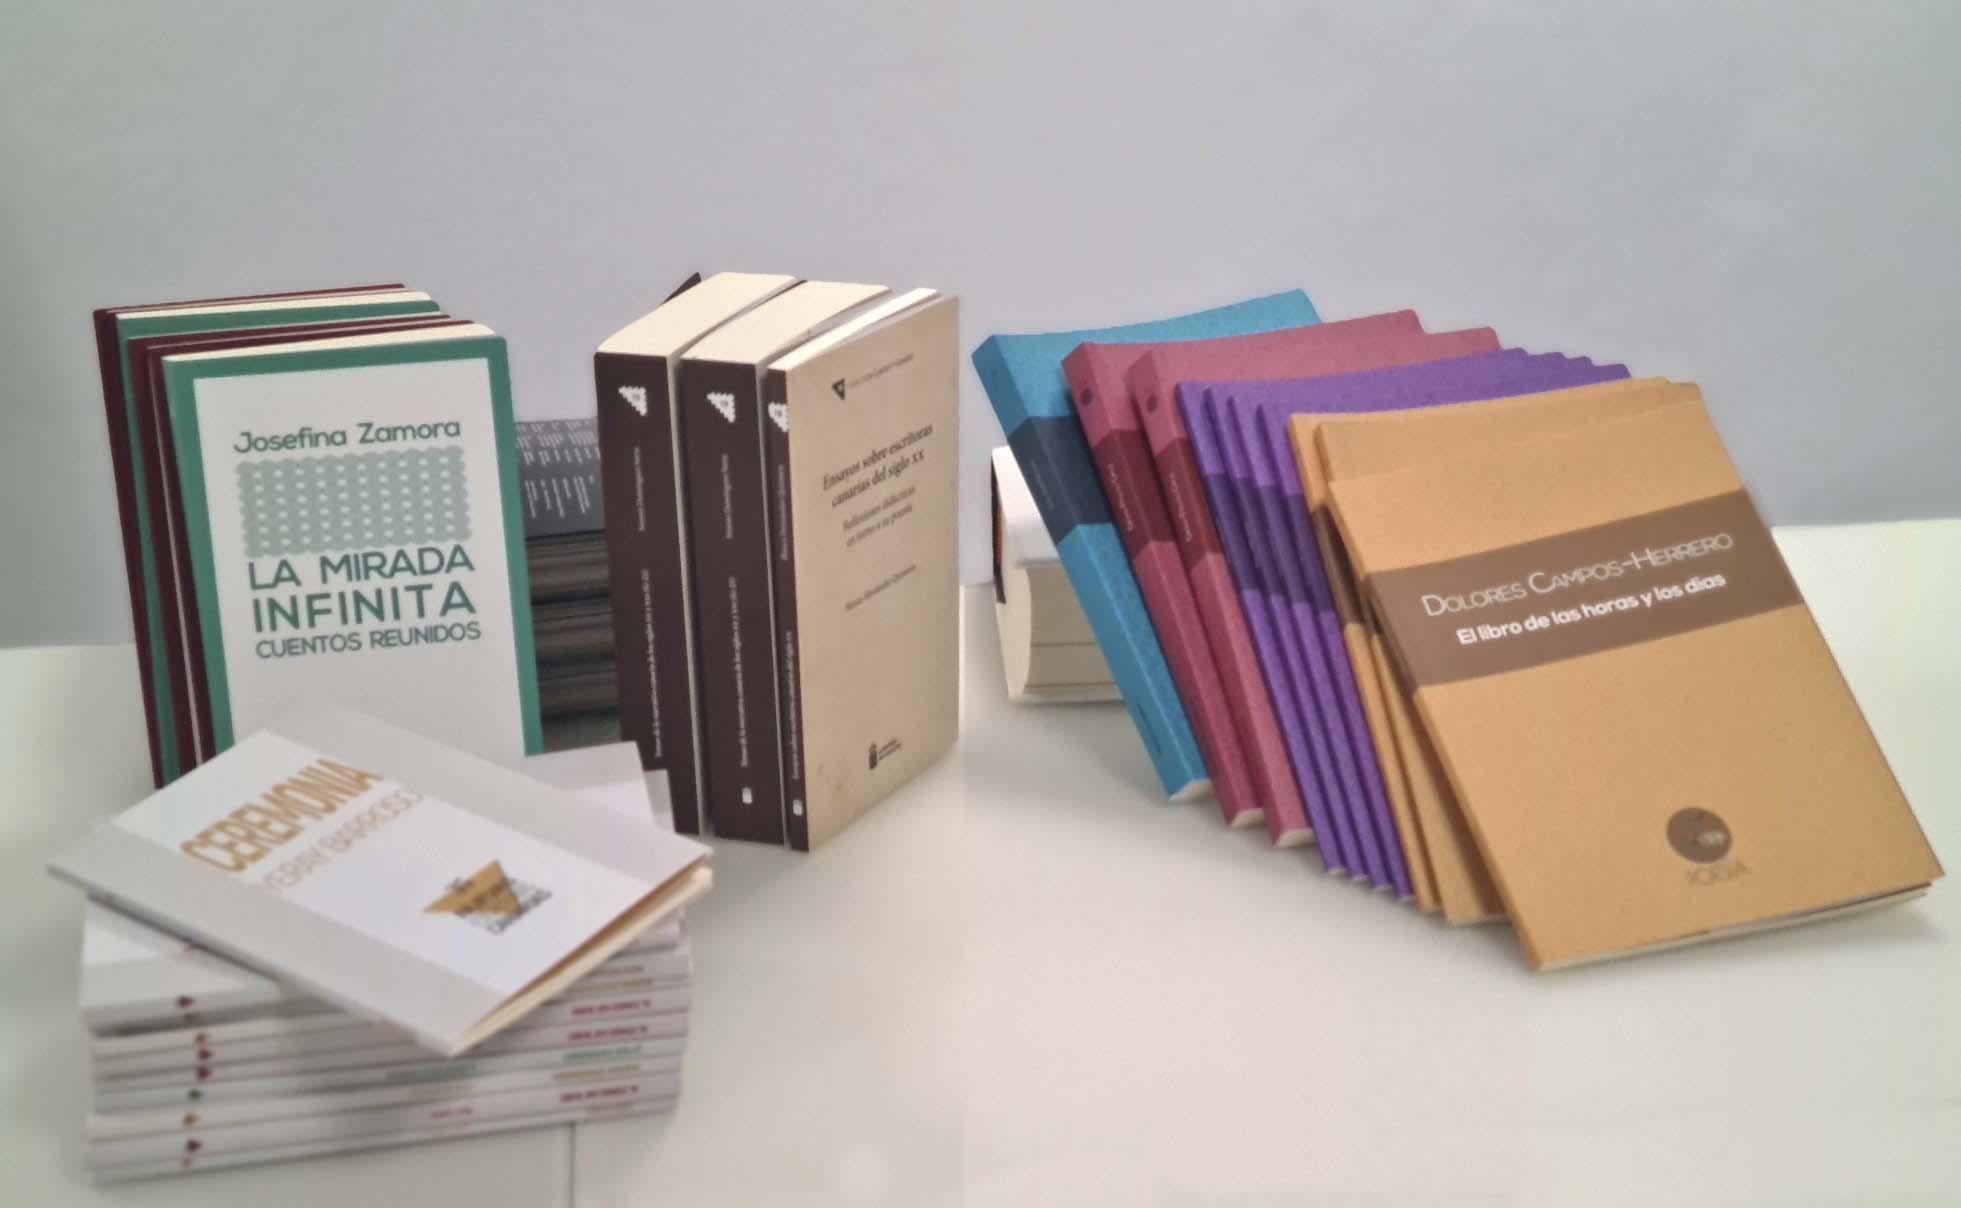 El Gobierno busca nuevas obras para integrarlas en sus cinco colecciones literarias